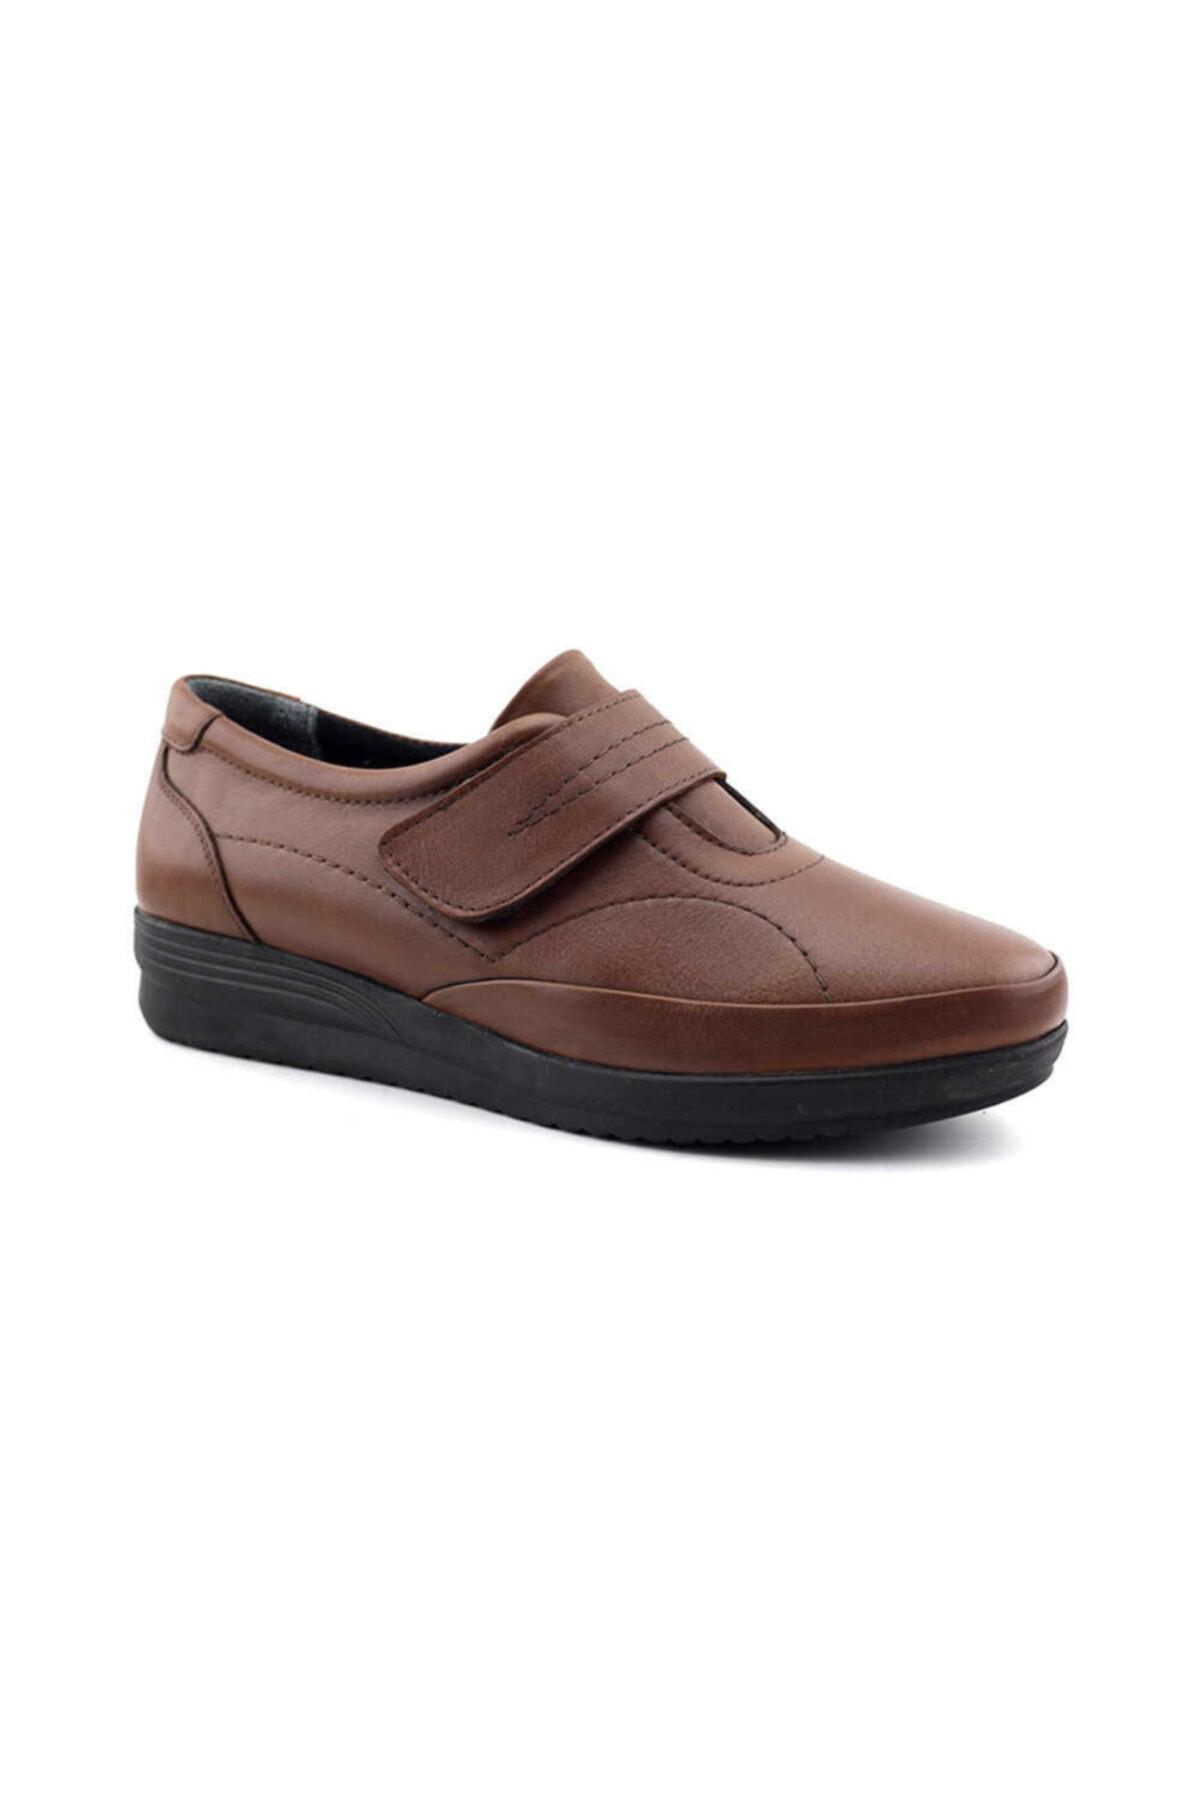 Kayra Kadın Taba Hakiki Deri Ayakkabı 2